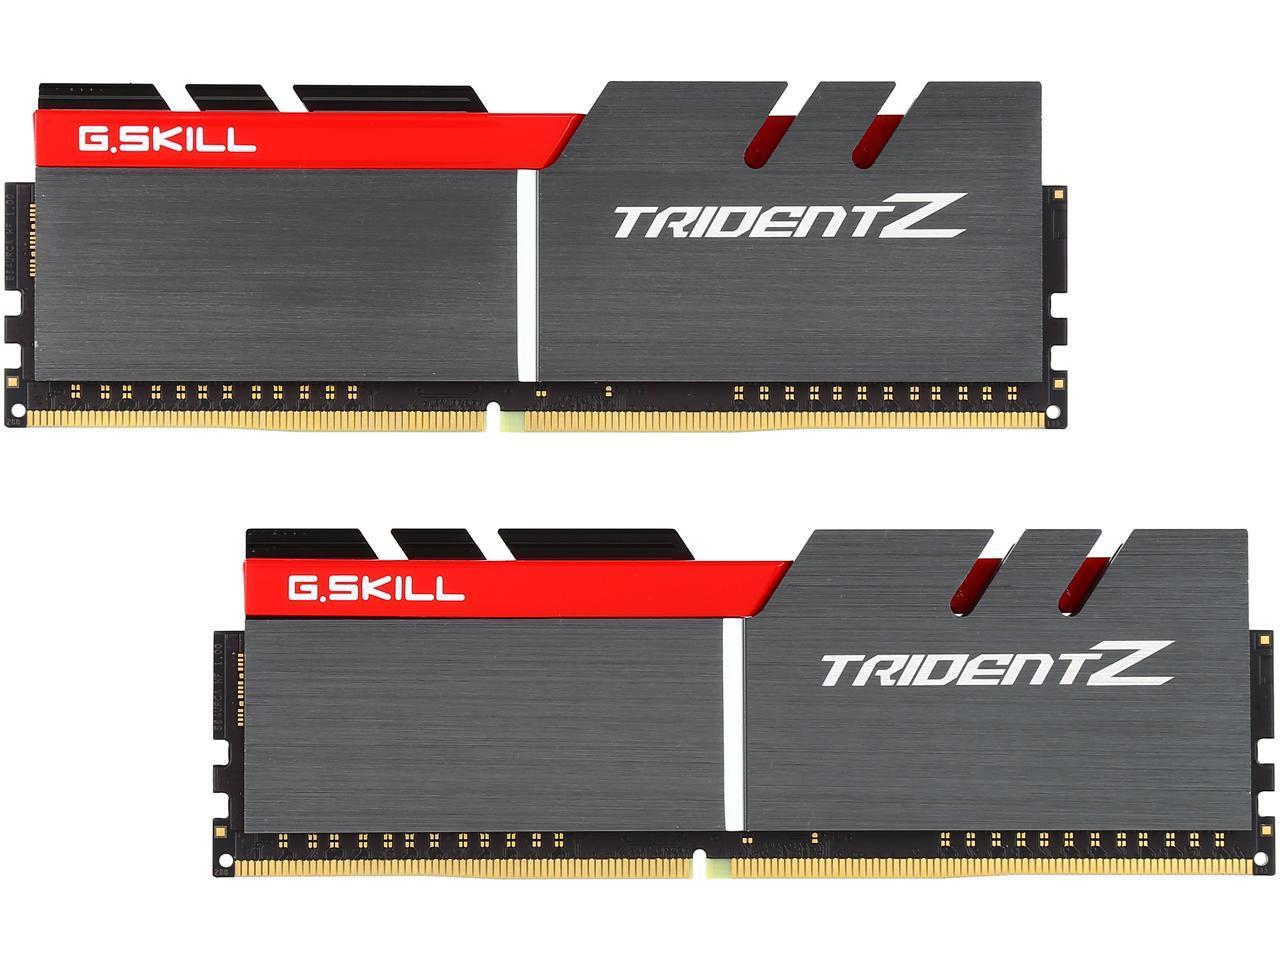 G.SKILL TridentZ Series 16GB DDR4-3200 (2 x 8GB)